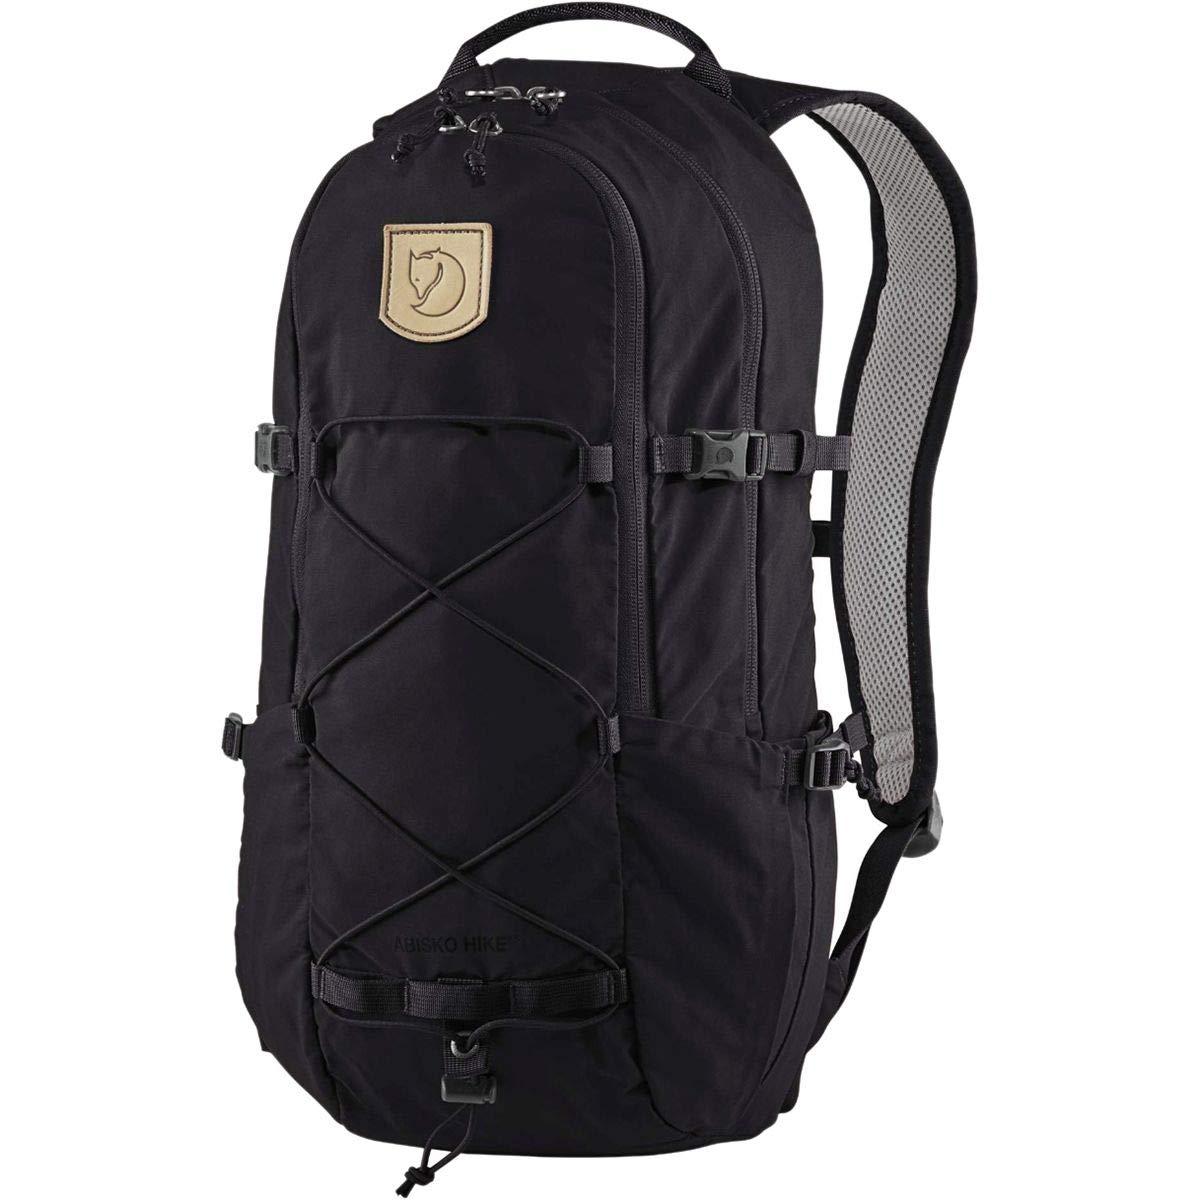 [フェールラーベン] メンズ バックパックリュックサック Abisko Hike 15L Backpack [並行輸入品] No-Size  B07QRRRDQ8